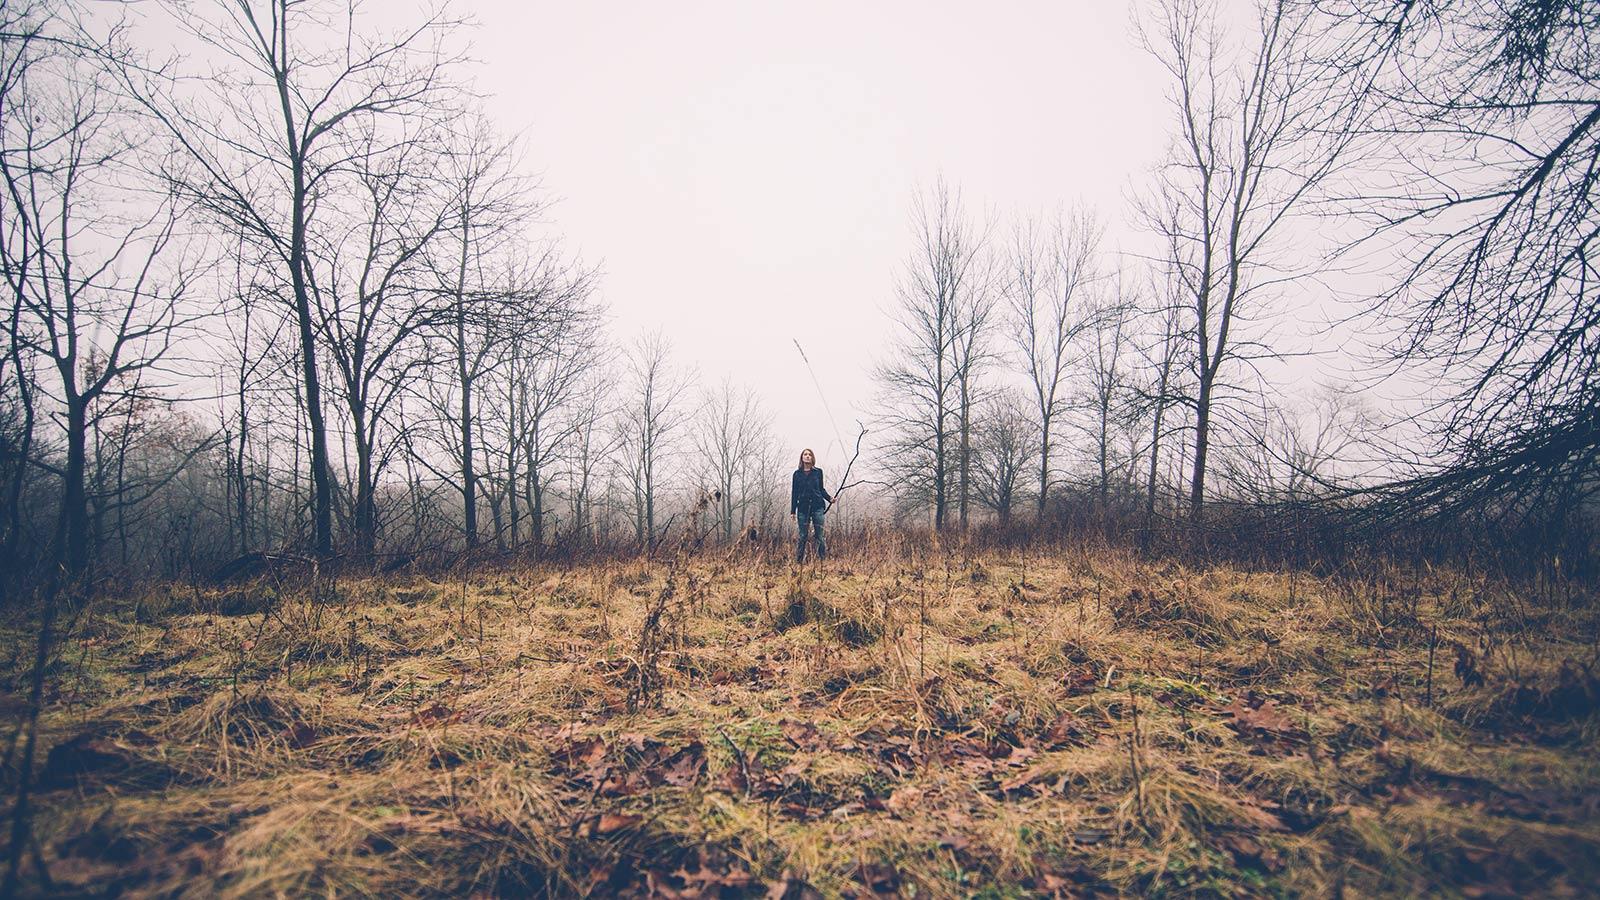 Naturopathe soigner la souffrance par des moyens naturels